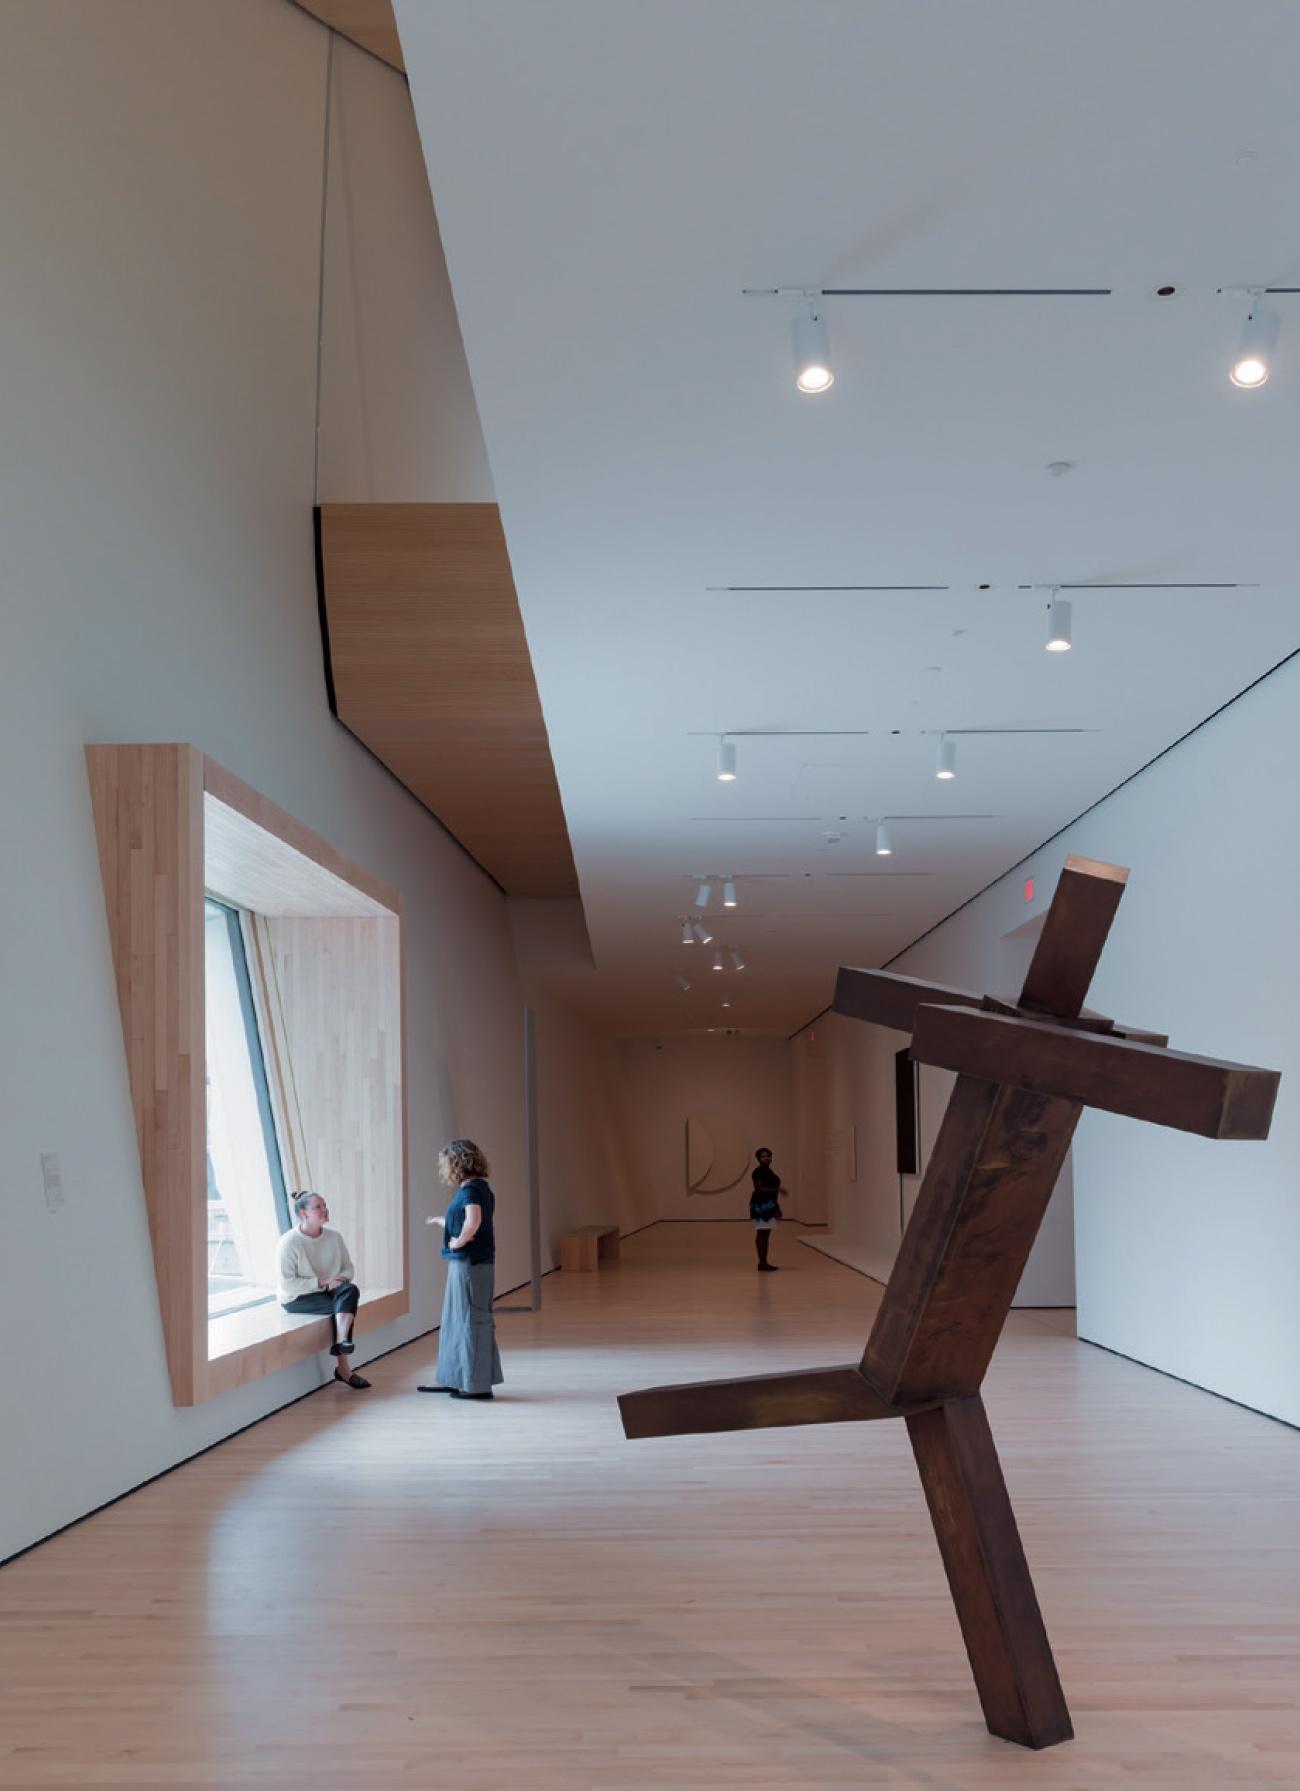 조엘 샤피로(Joel Shapiro)의 조각 작품이 있는 갤러리 공간